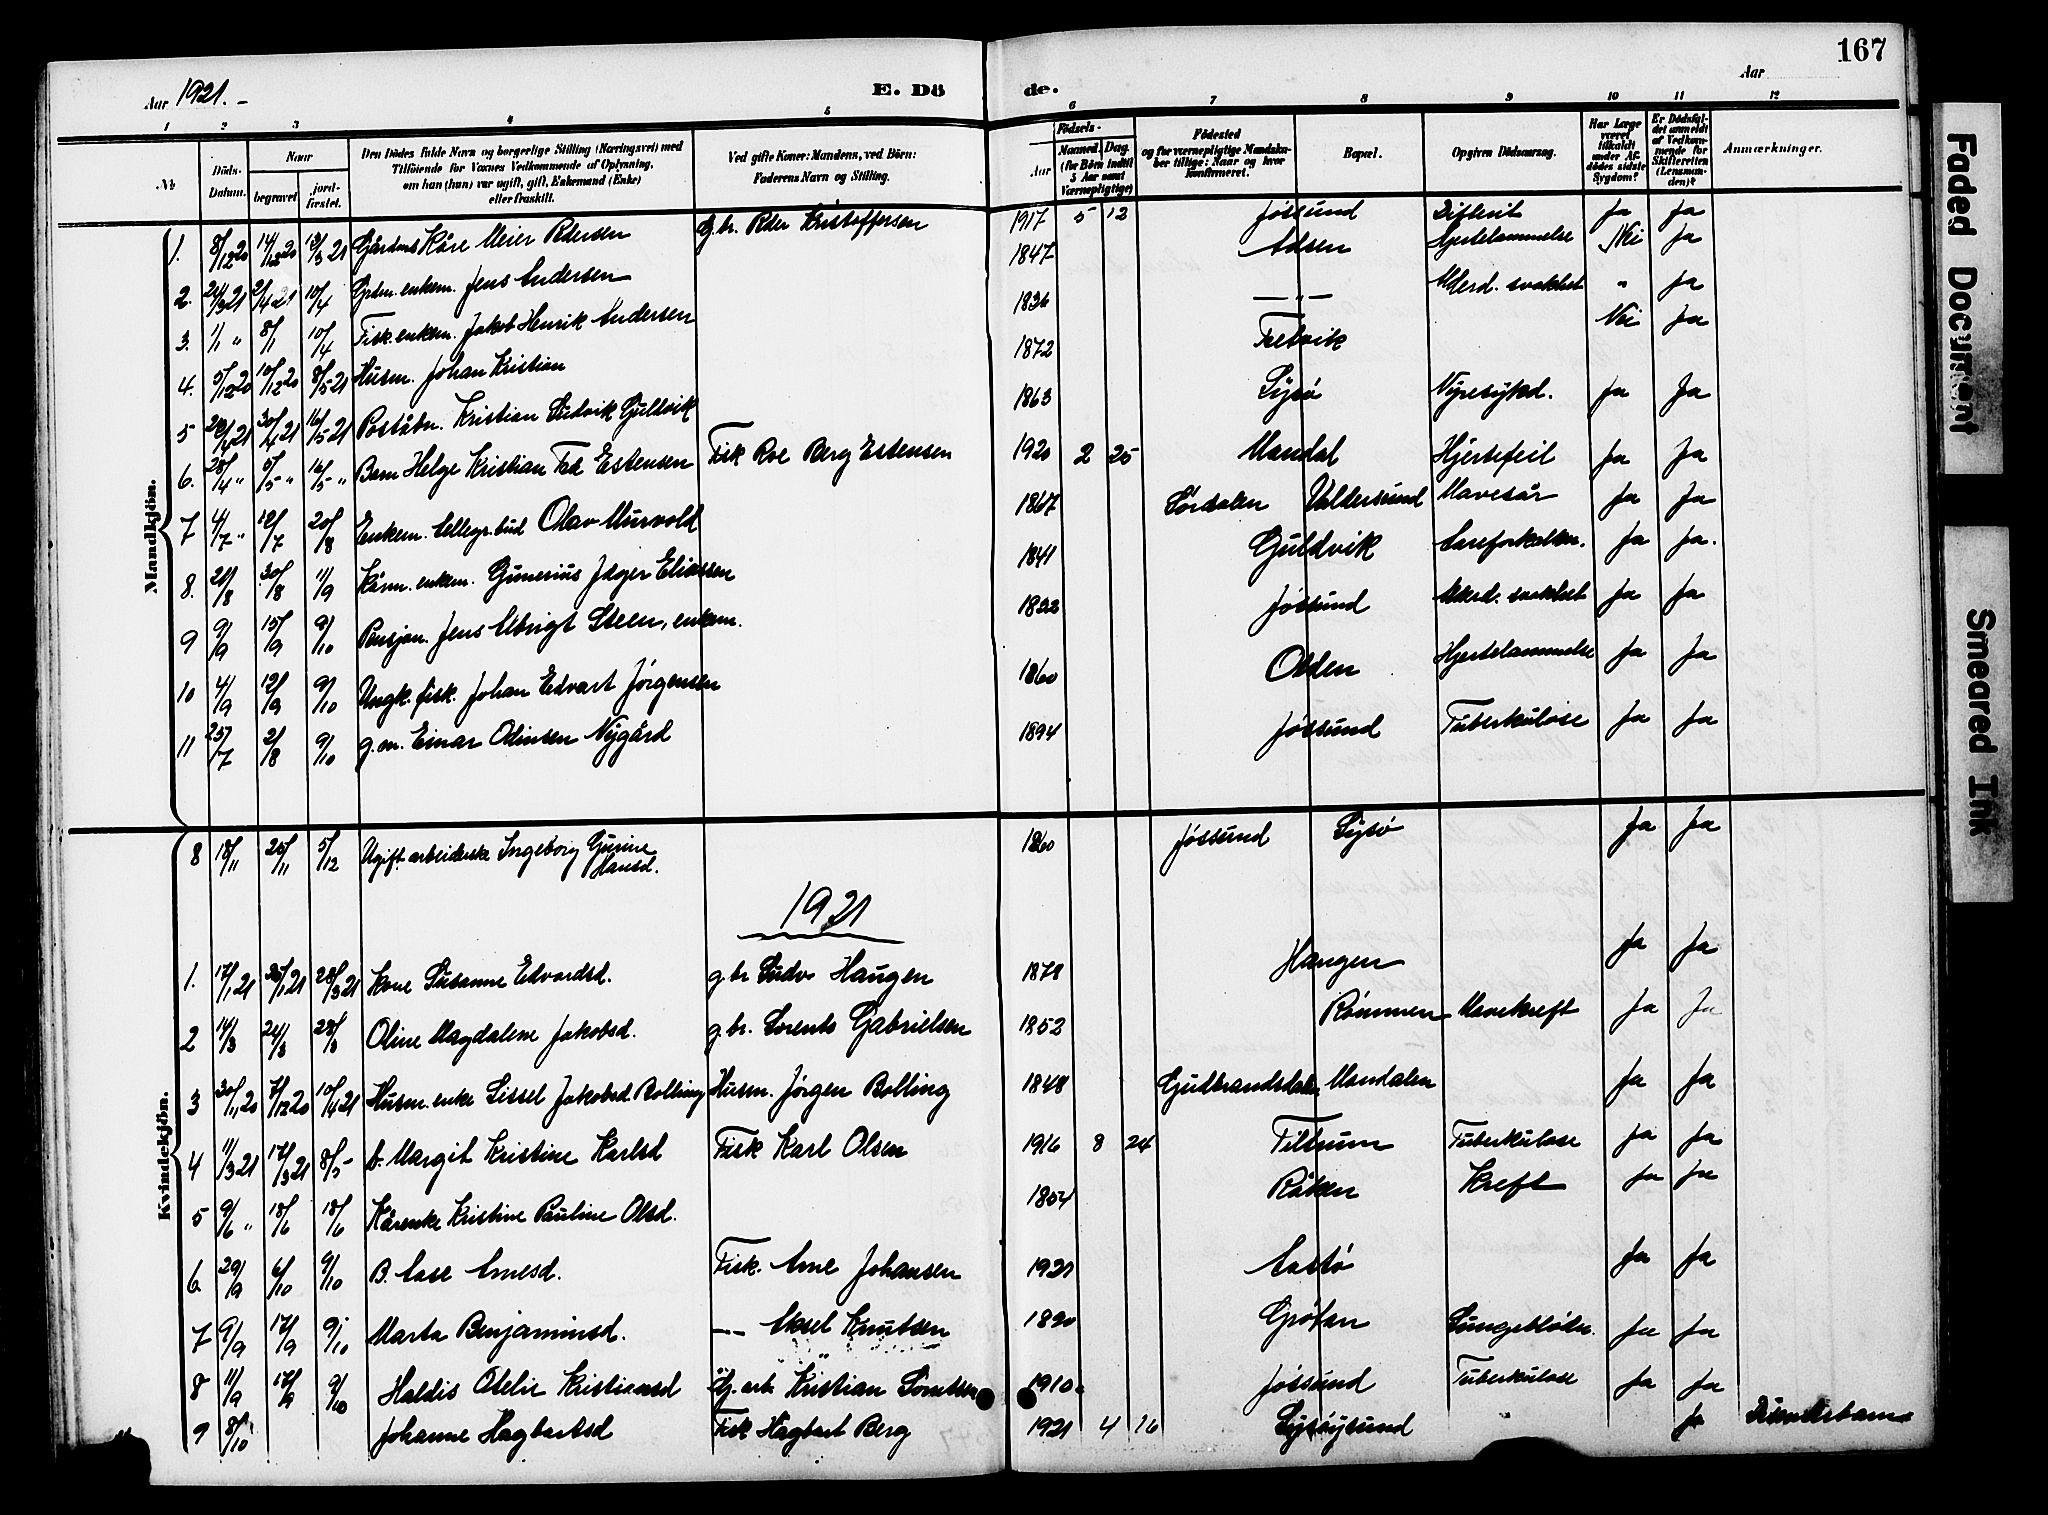 SAT, Ministerialprotokoller, klokkerbøker og fødselsregistre - Sør-Trøndelag, 654/L0666: Klokkerbok nr. 654C02, 1901-1925, s. 167